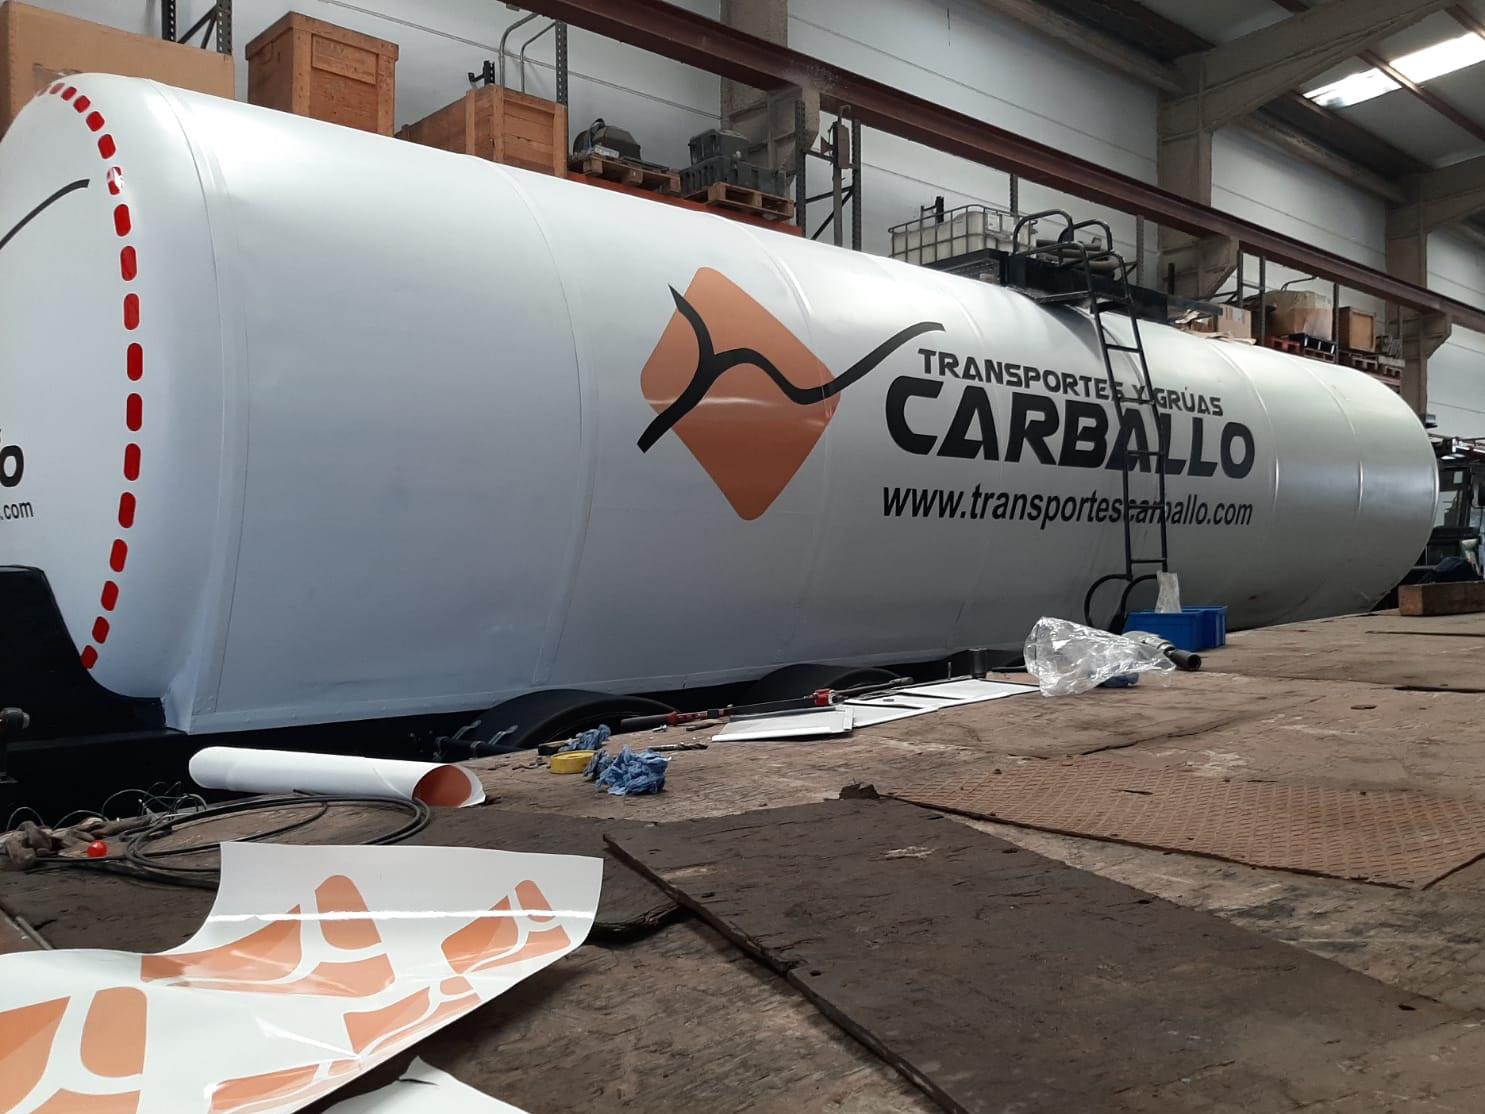 CARBALLO CISTERNA(1) 24.11.20